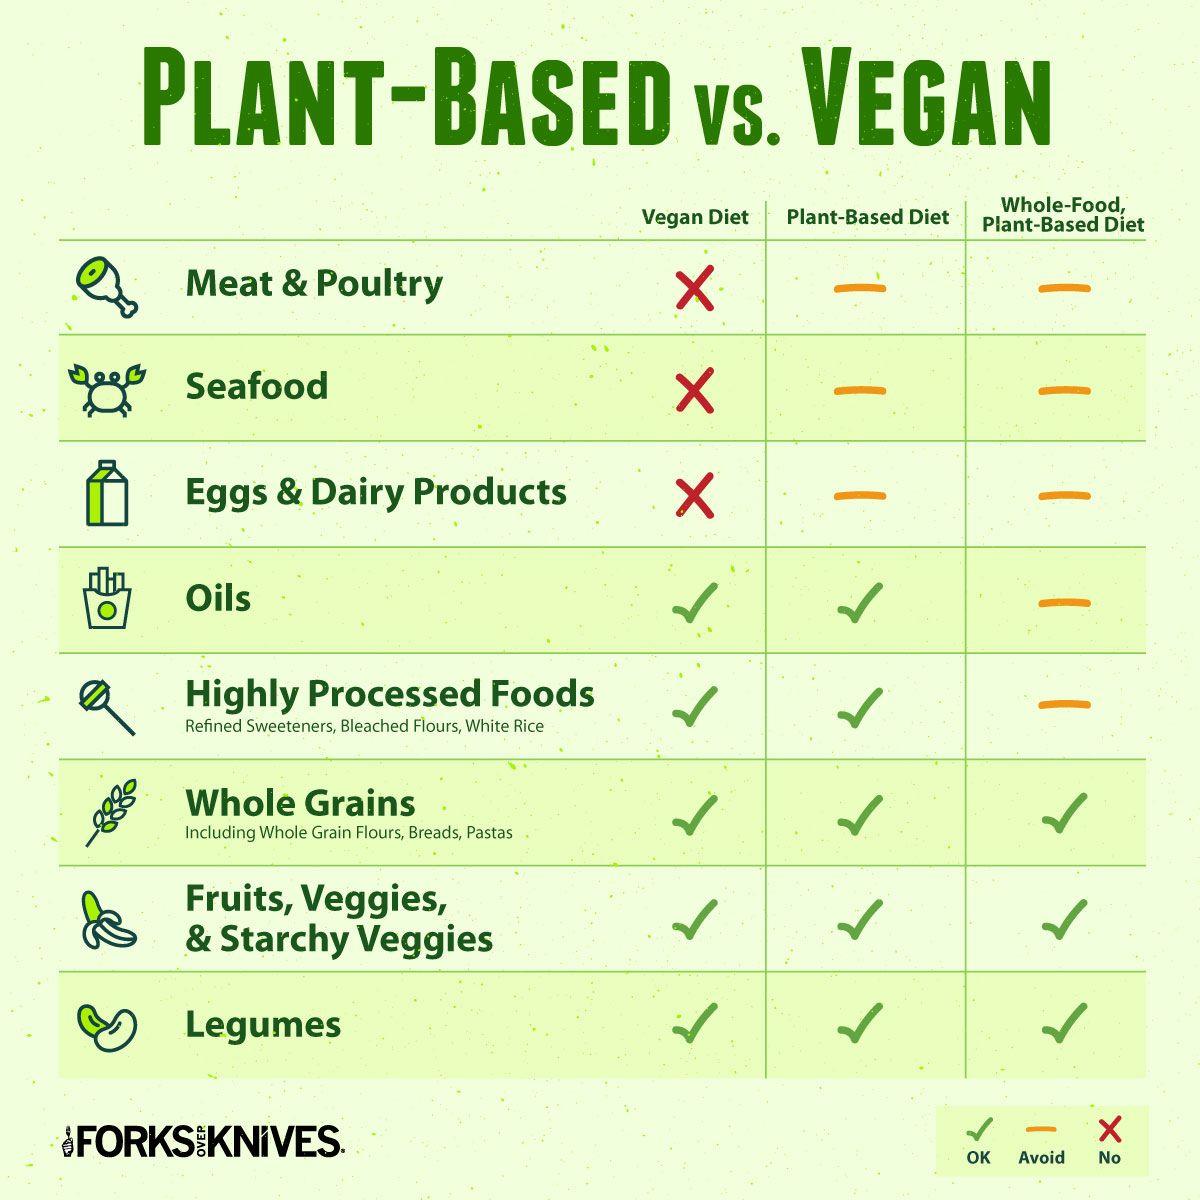 Plant Based Diet Vs Vegan Diet What S The Difference Plant Based Diet Recipes Plant Diet Whole Plant Based Diet